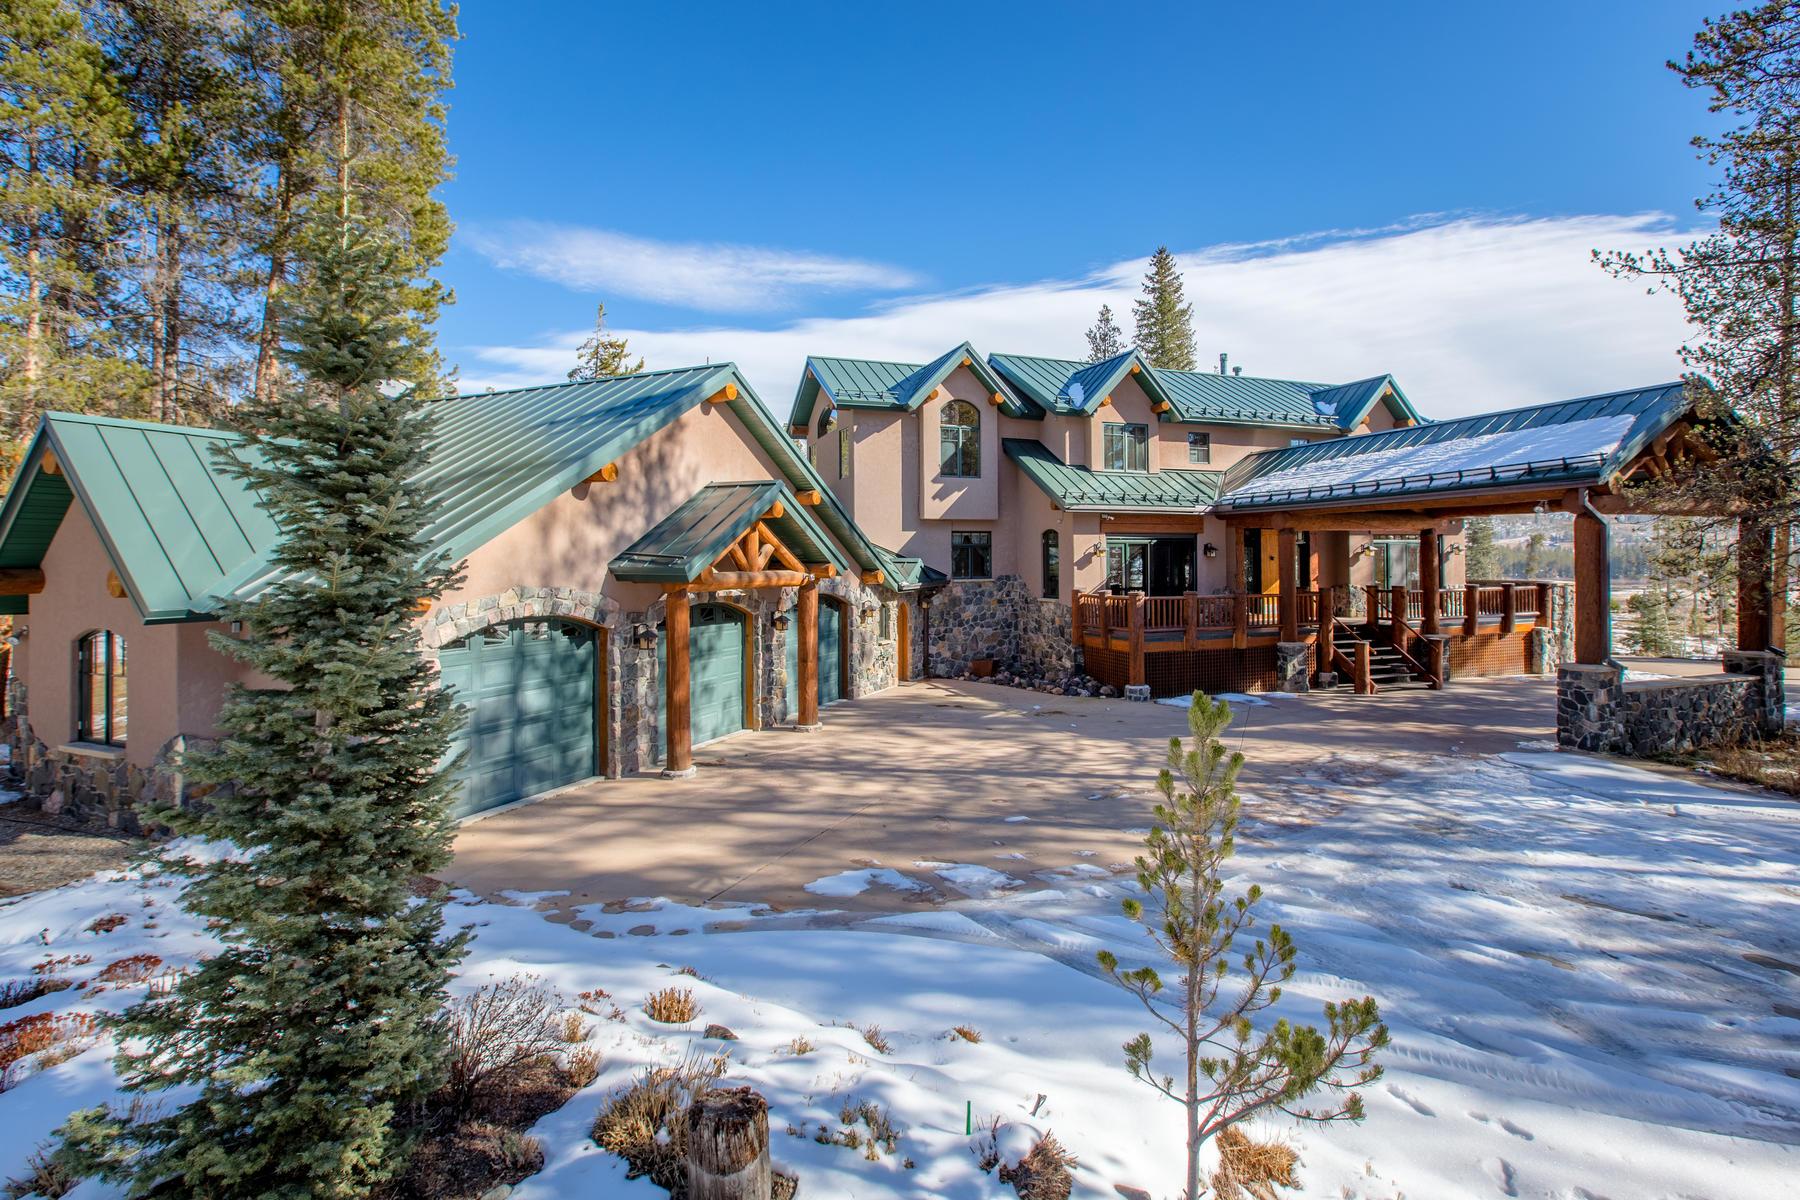 Nhà ở một gia đình vì Bán tại Enjoy mountain lifestyle with this stunning custom home nestled on 3.23 acres! 25 Browsing Meadow, Fraser, Colorado, 80442 Hoa Kỳ